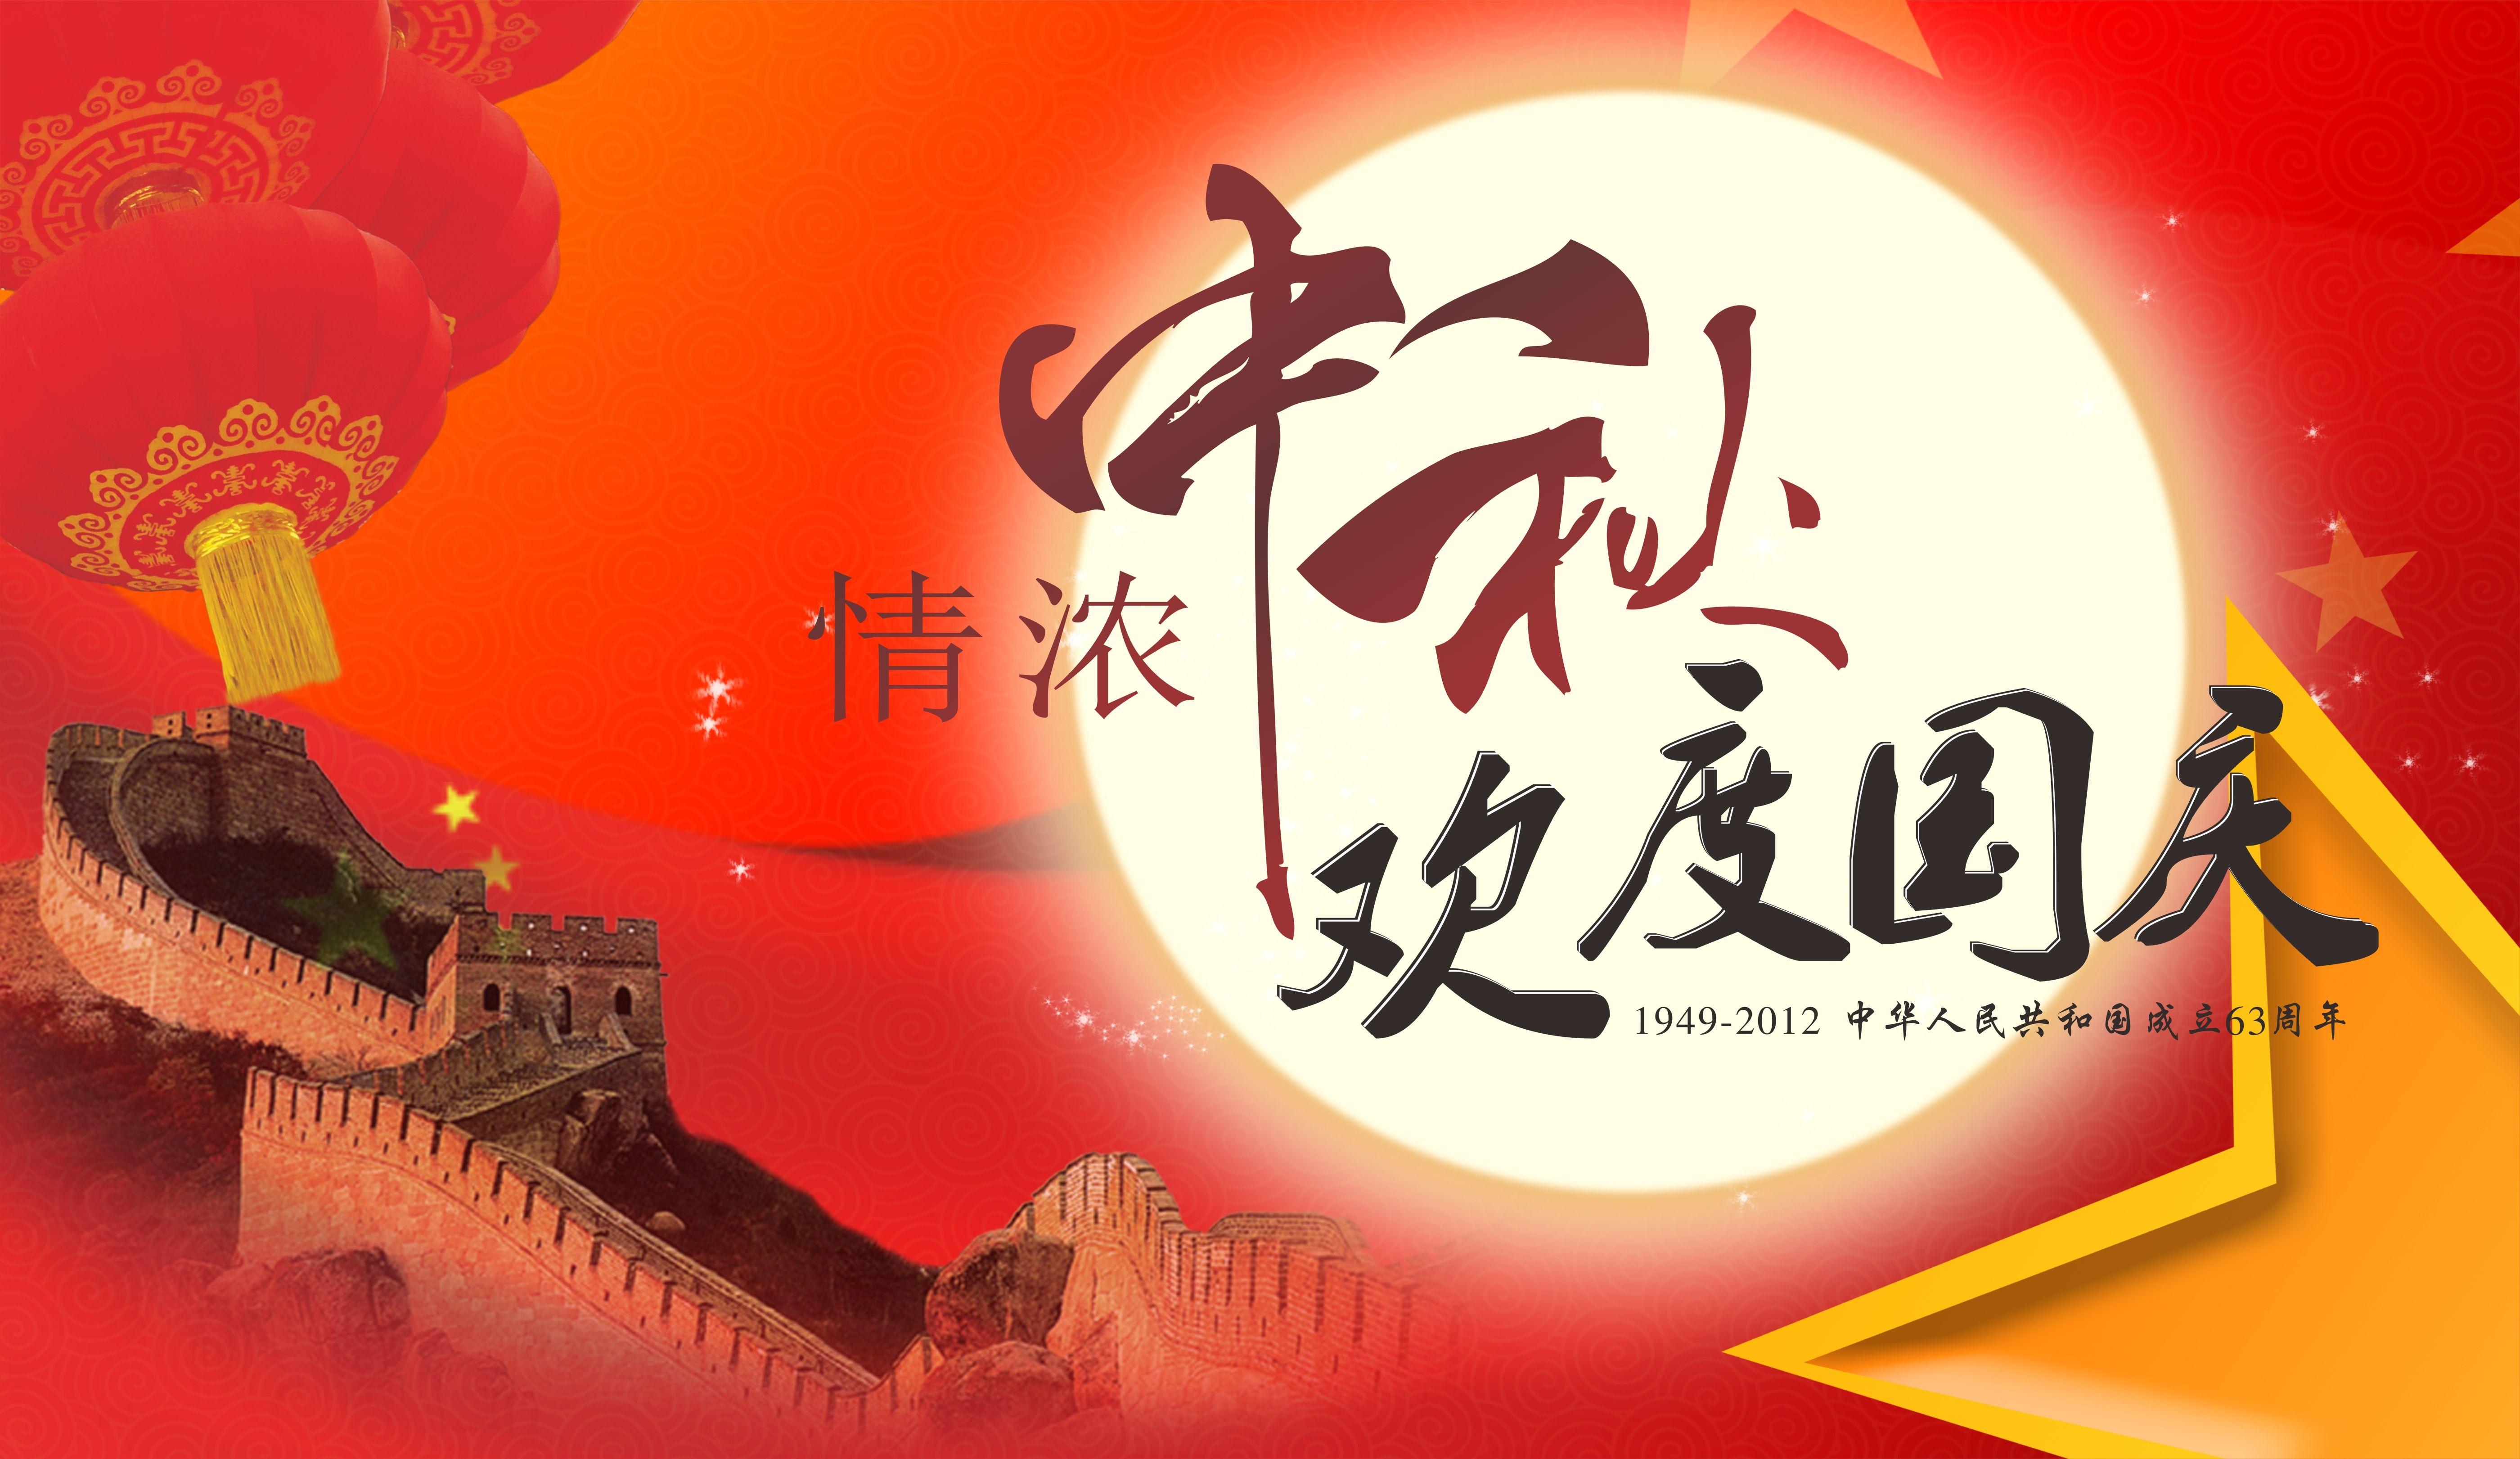 祝大家2020月饼节和国庆节节日快乐~插图